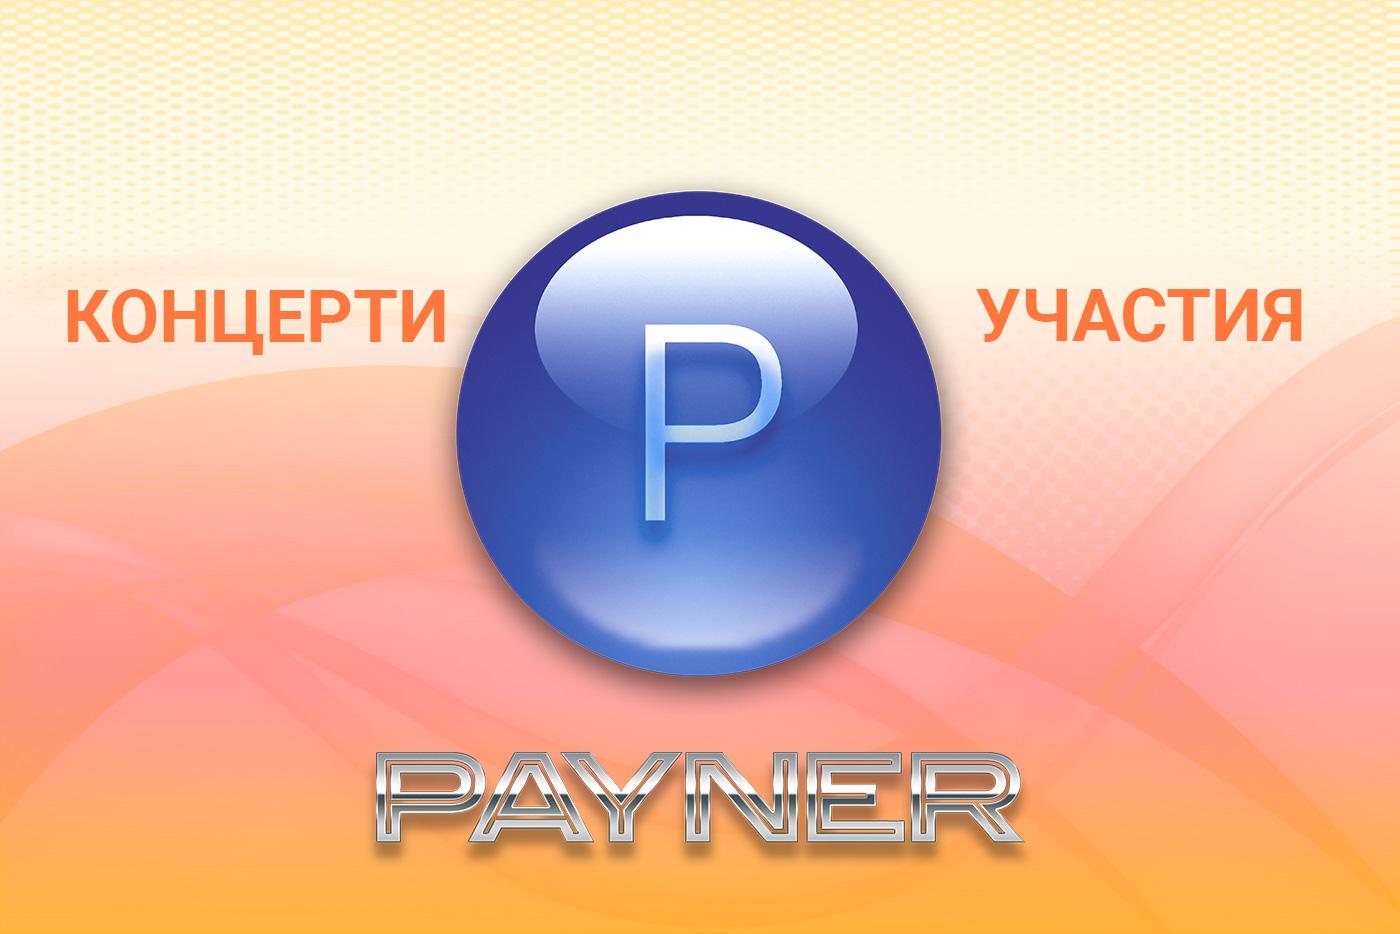 """Участия на звездите на """"Пайнер"""" на 17.07.2020"""